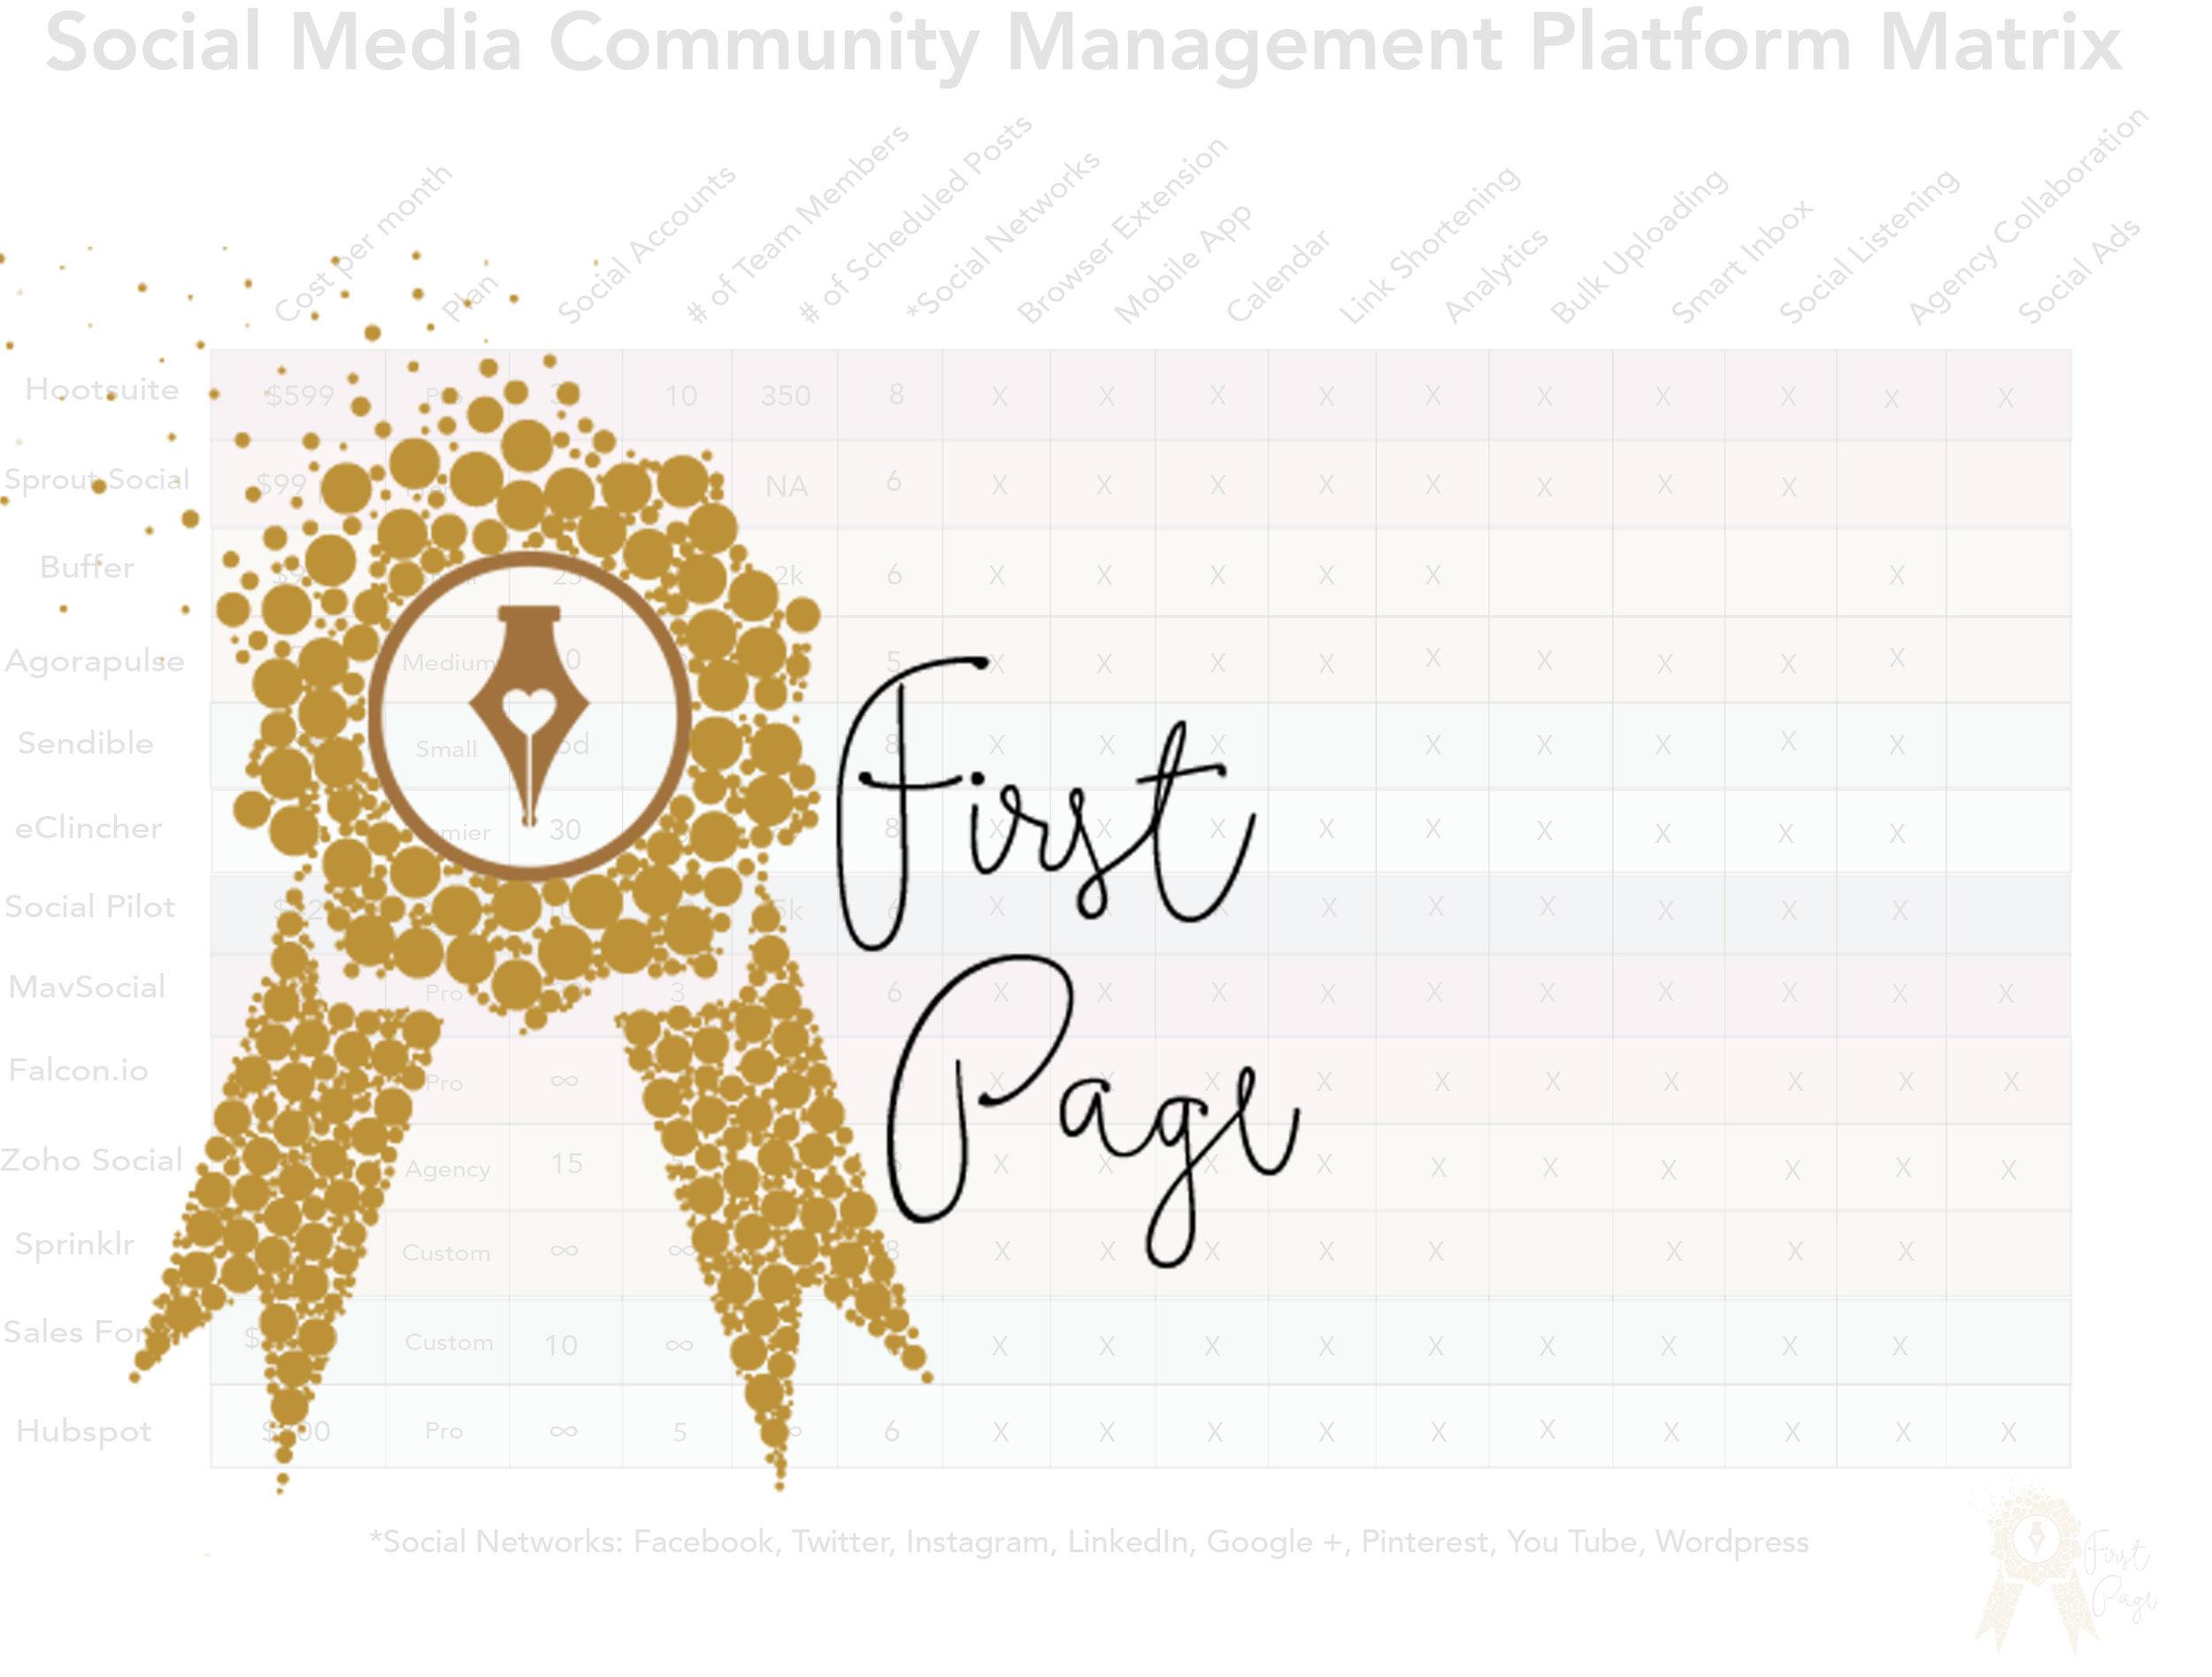 Social Media Platform Matrix-BEST.jpg